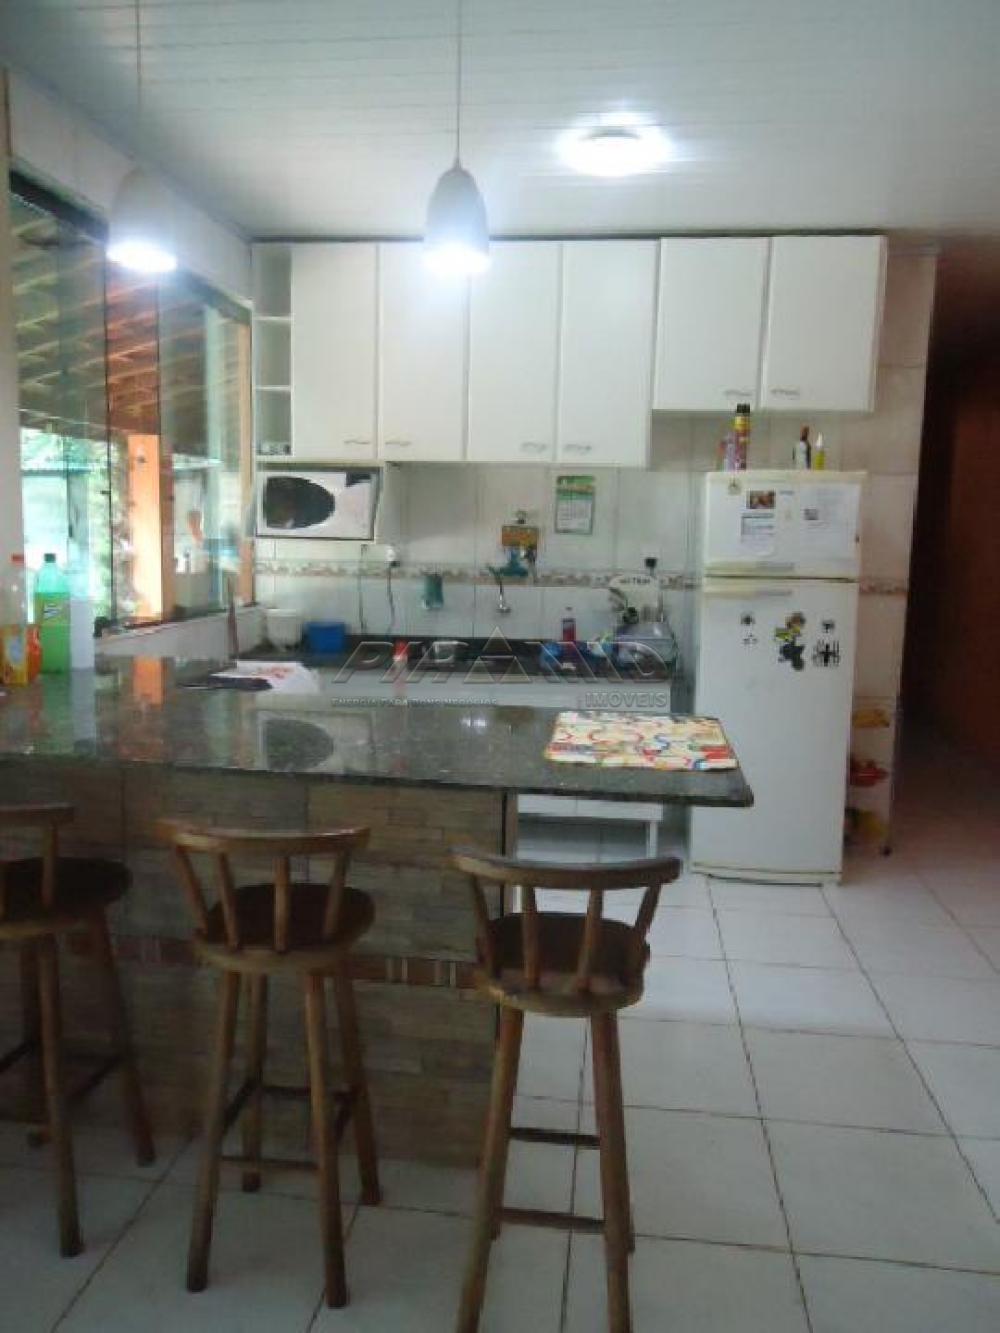 Comprar Rural / Chácara em Ribeirão Preto apenas R$ 2.100.000,00 - Foto 19